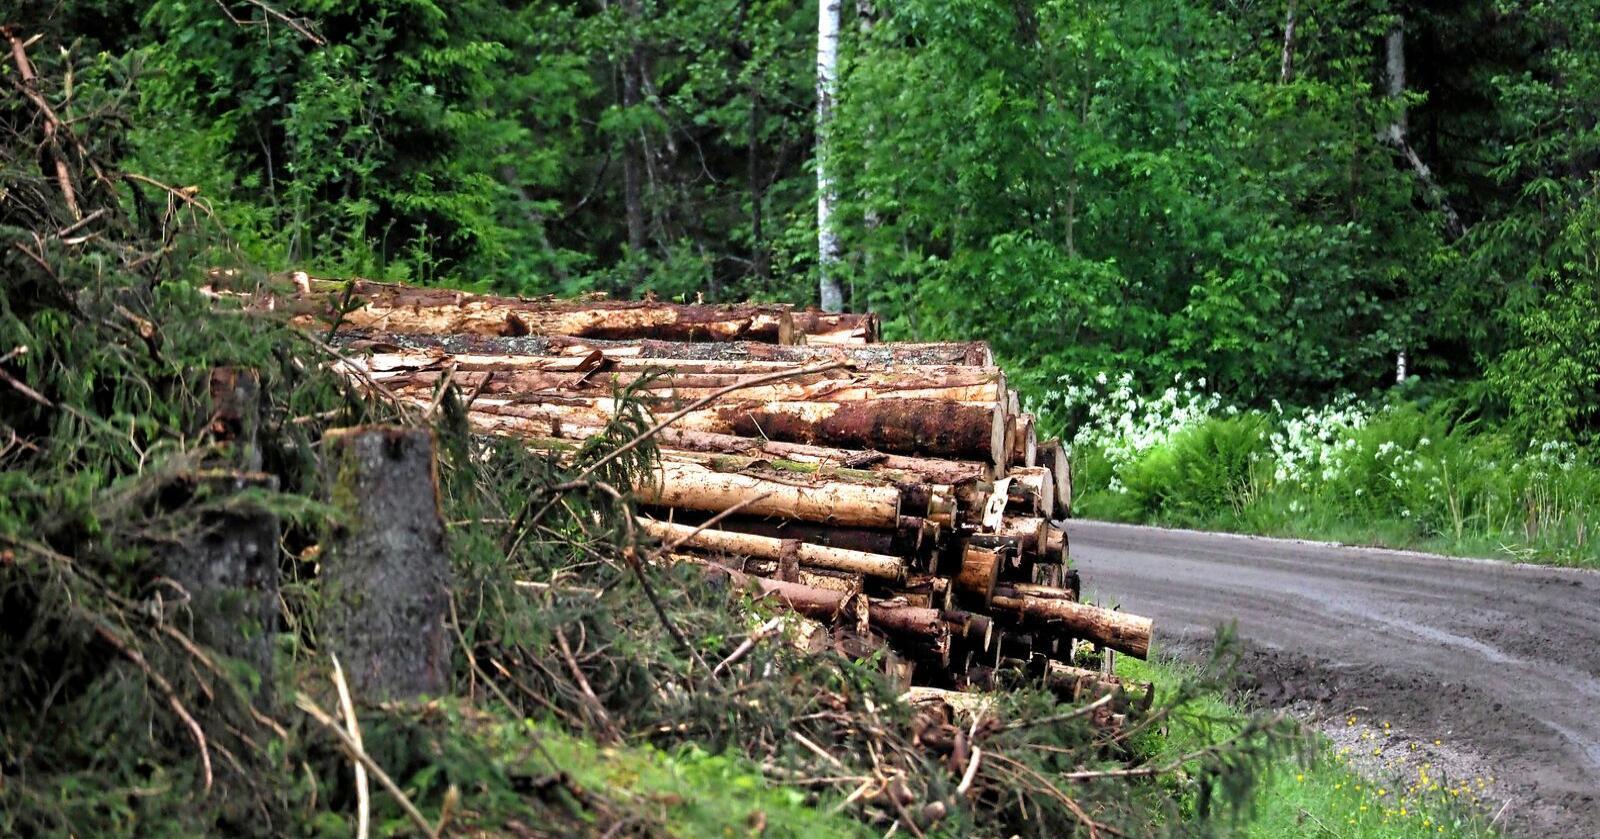 Skogbruket ønsker seg en tiltakspakke på 60 millioner kroner, og mener at det kan bli 14 millioner kroner billigere enn permitteringer i bransjen. Foto: Siri Juell Rasmussen